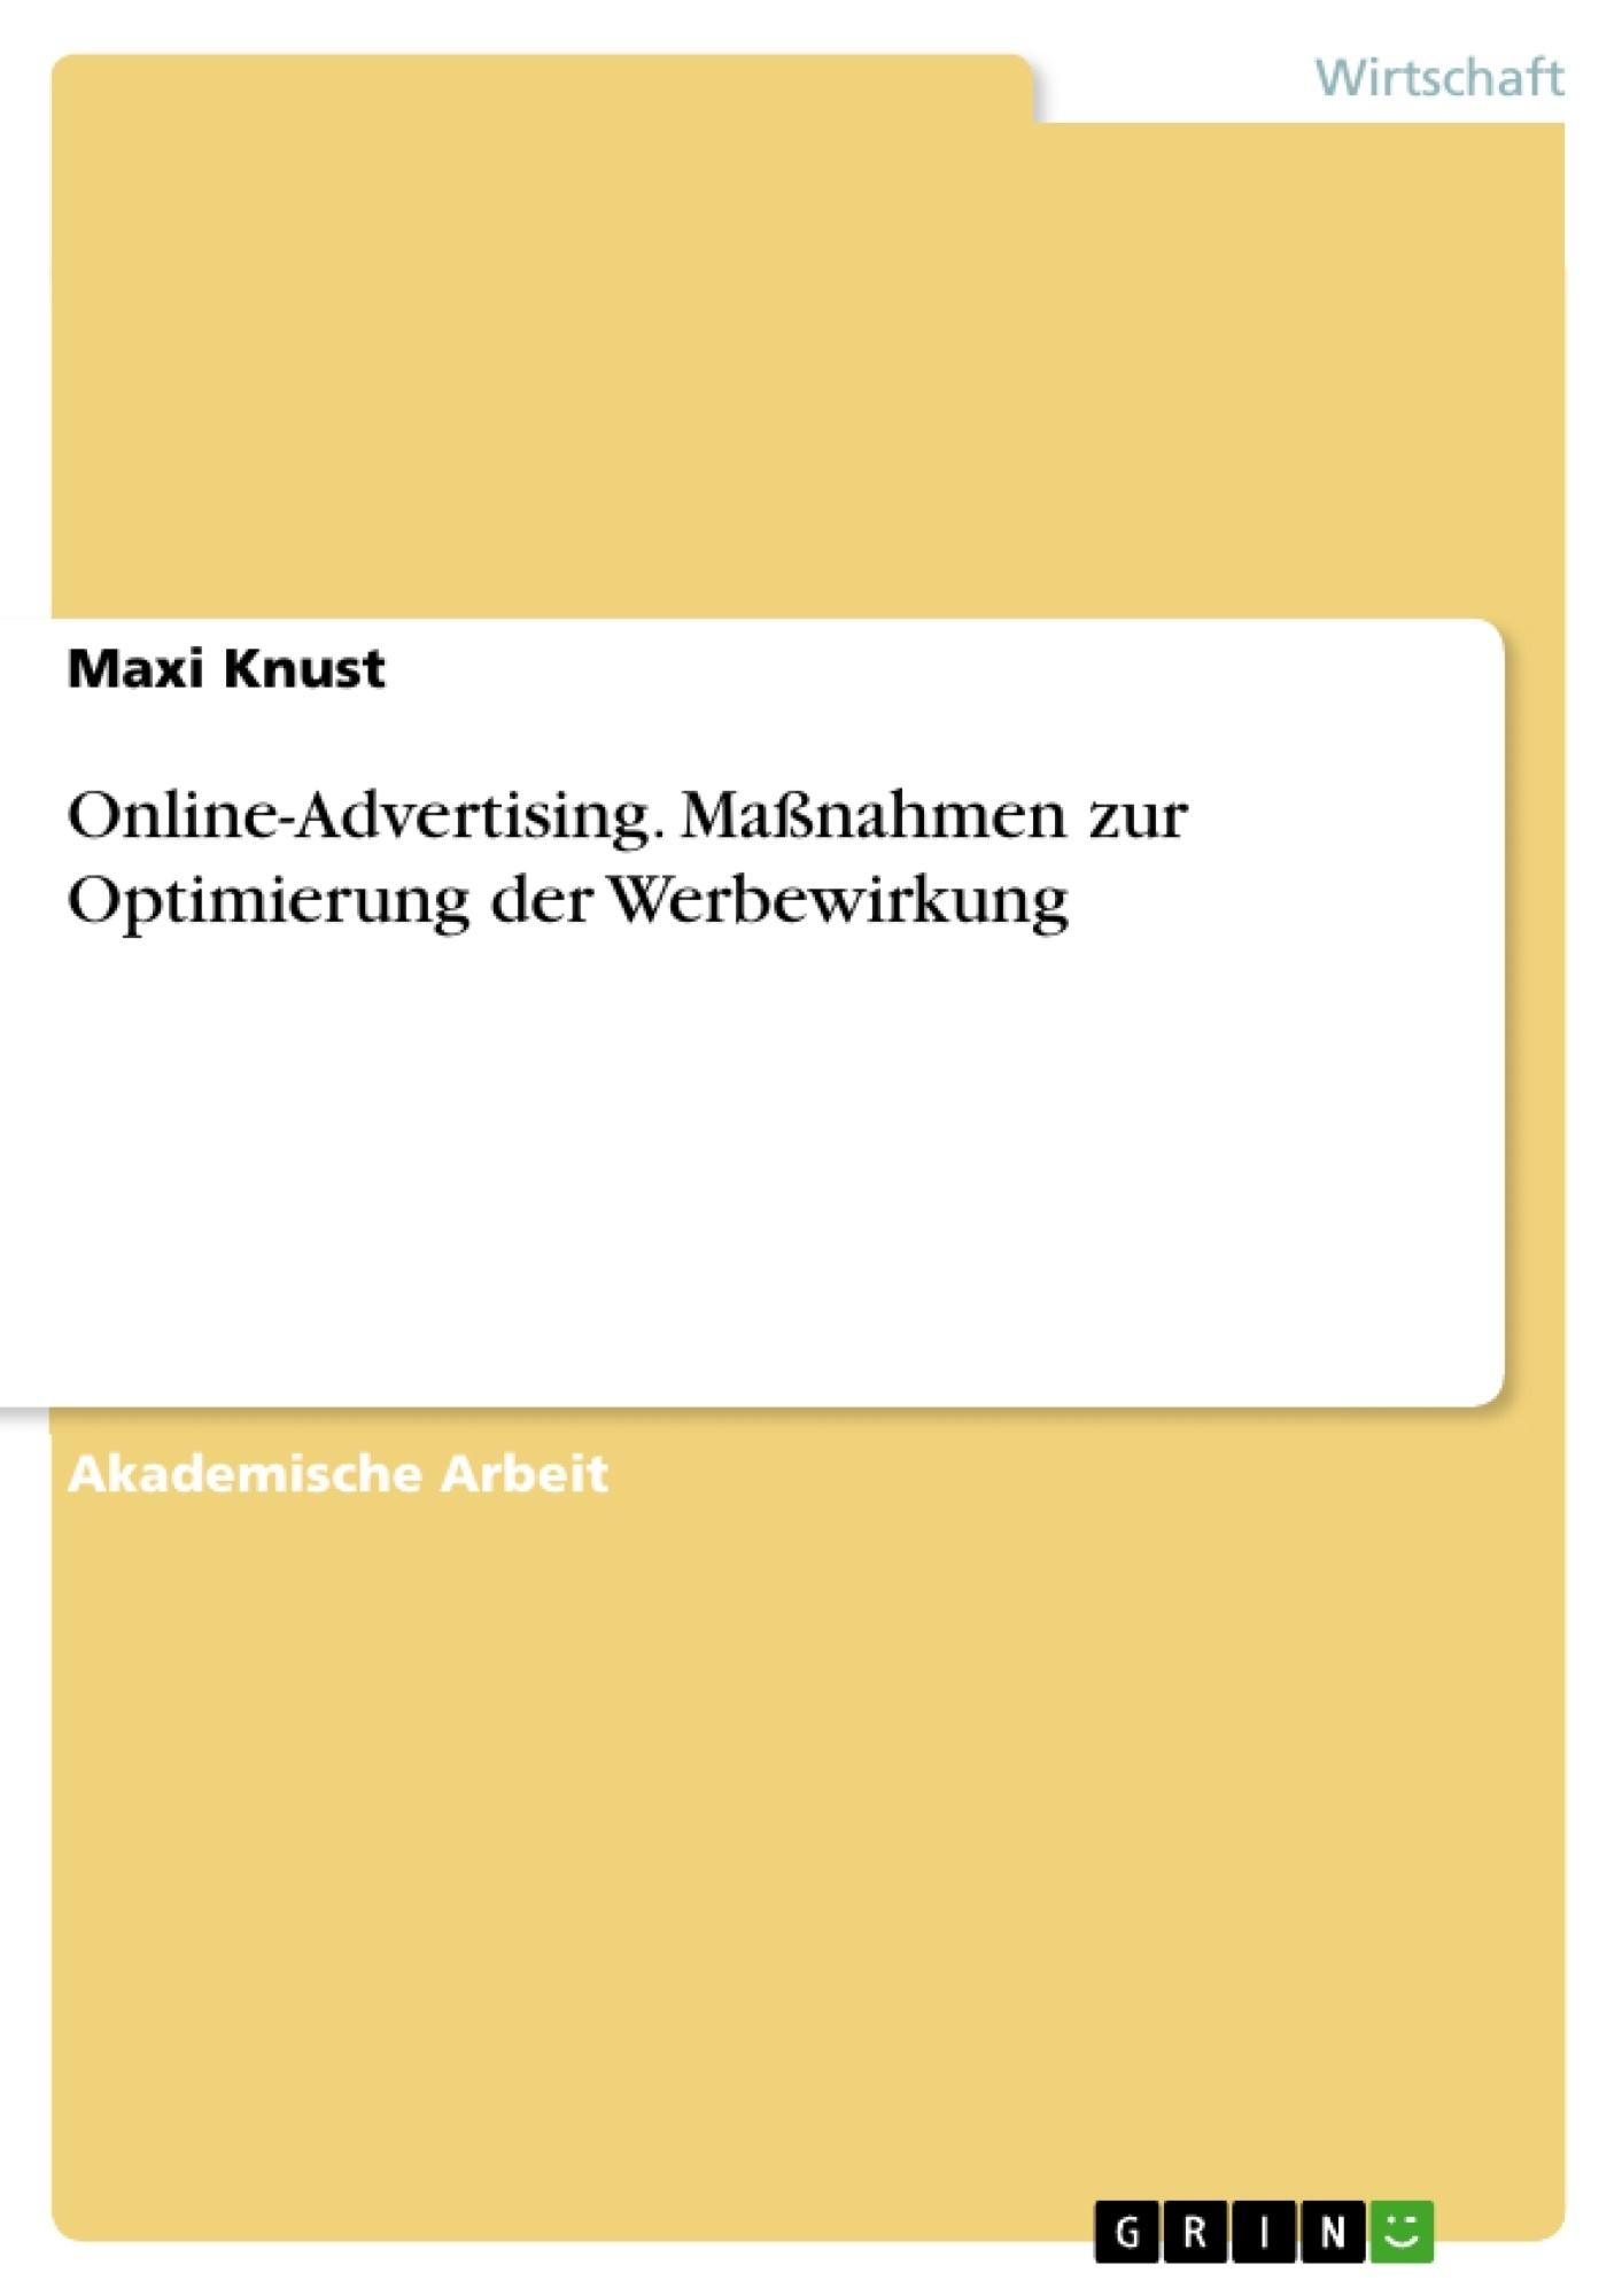 Titel: Online-Advertising. Maßnahmen zur Optimierung der Werbewirkung